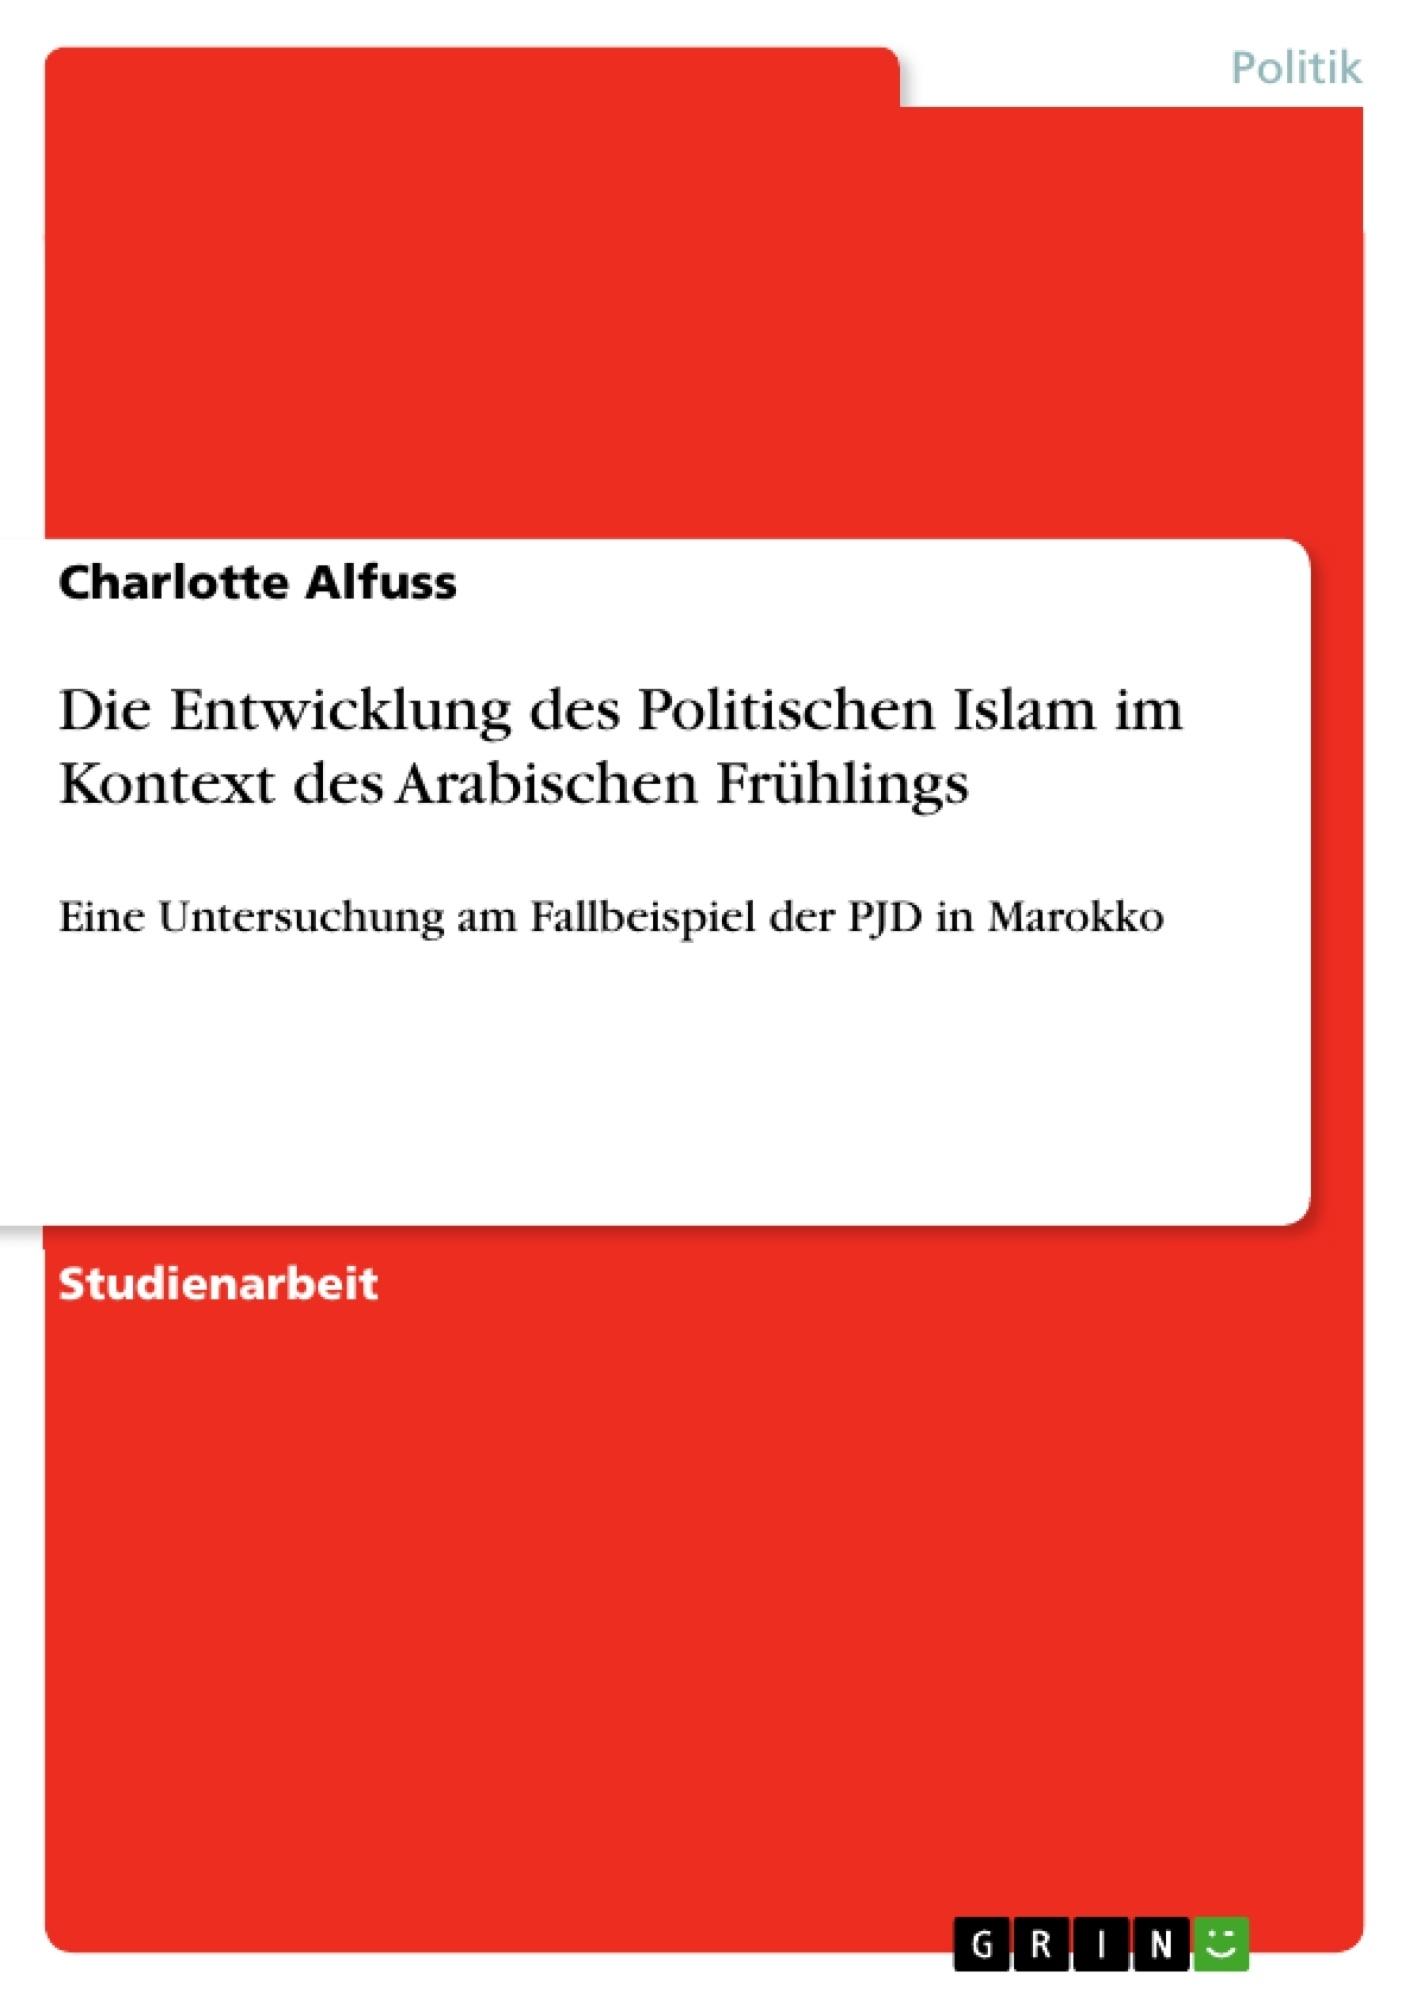 Titel: Die Entwicklung des Politischen Islam im Kontext des Arabischen Frühlings